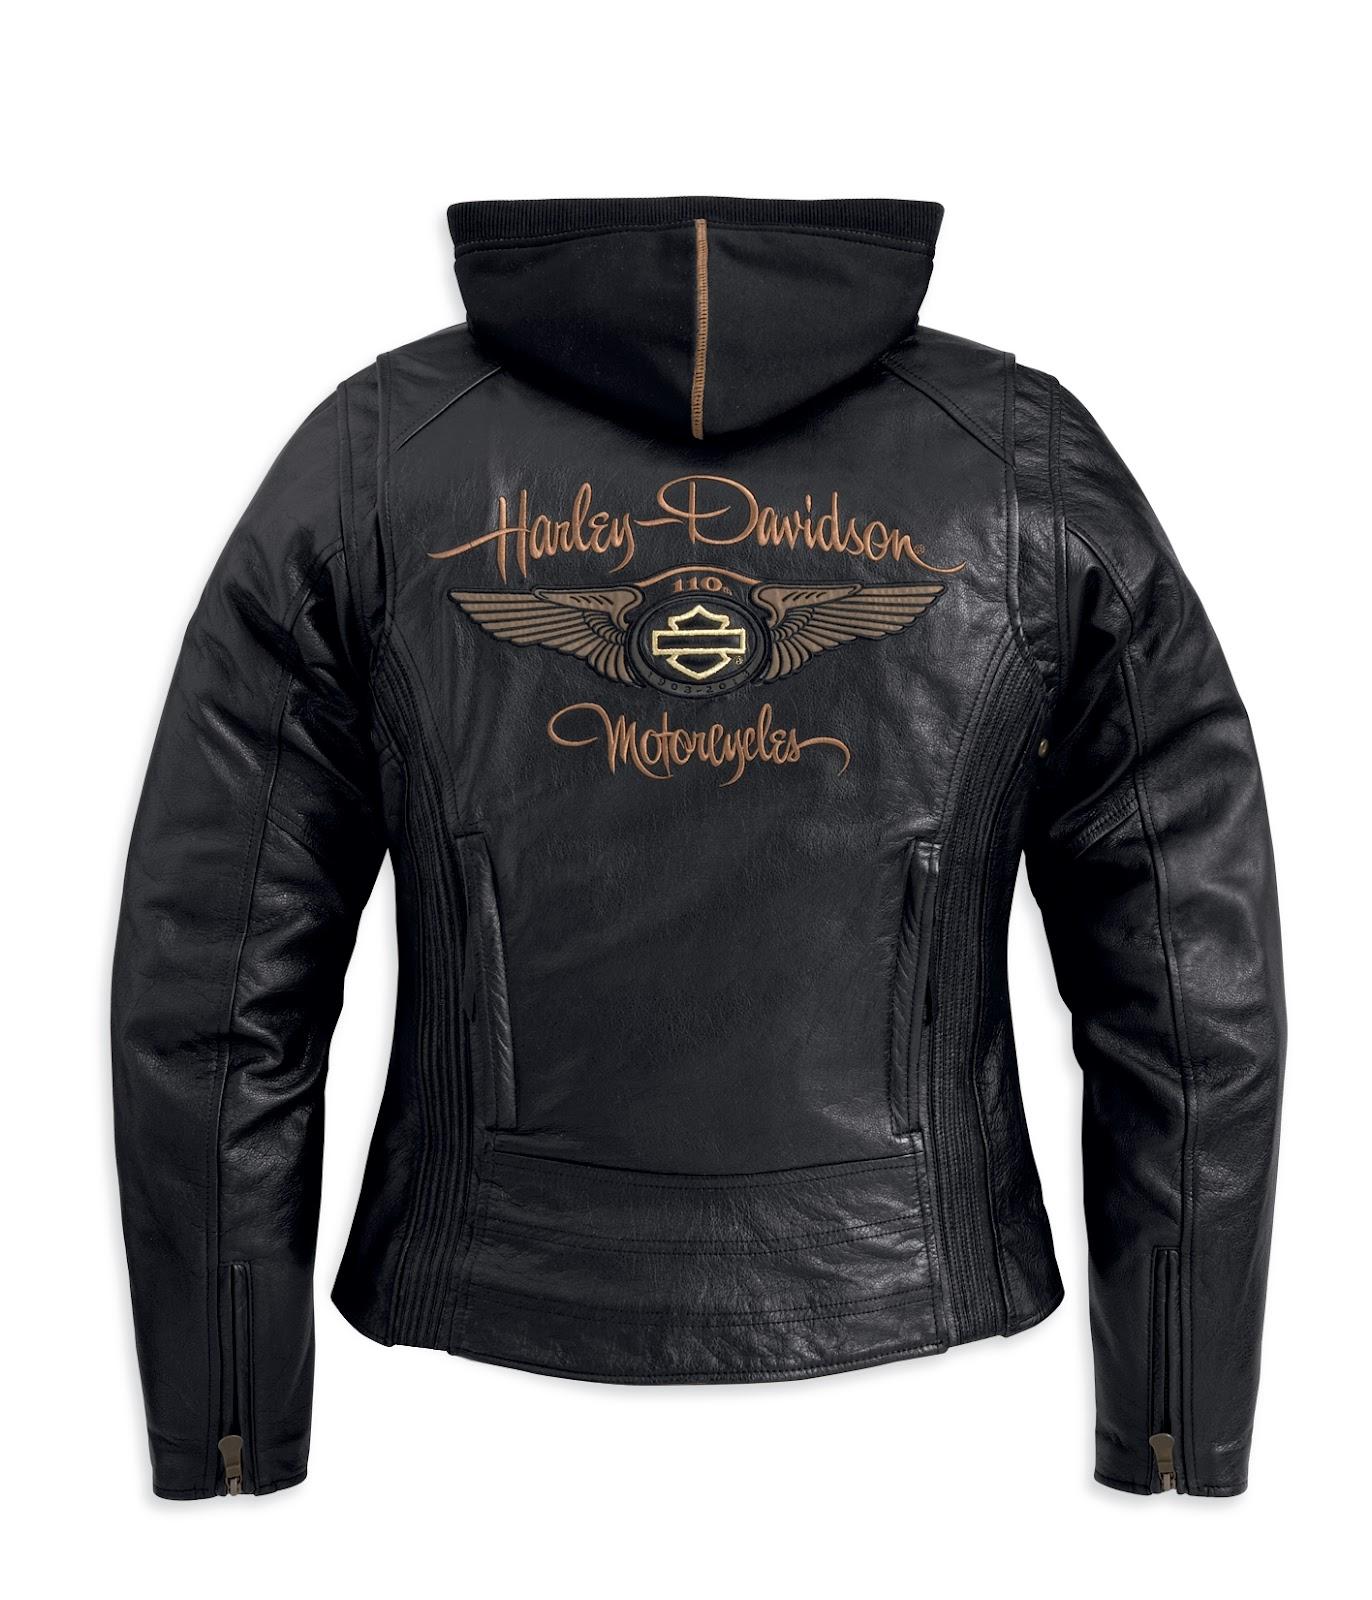 Кожанные куртки, Байкерская одежда, Джинсы сделанные в ...